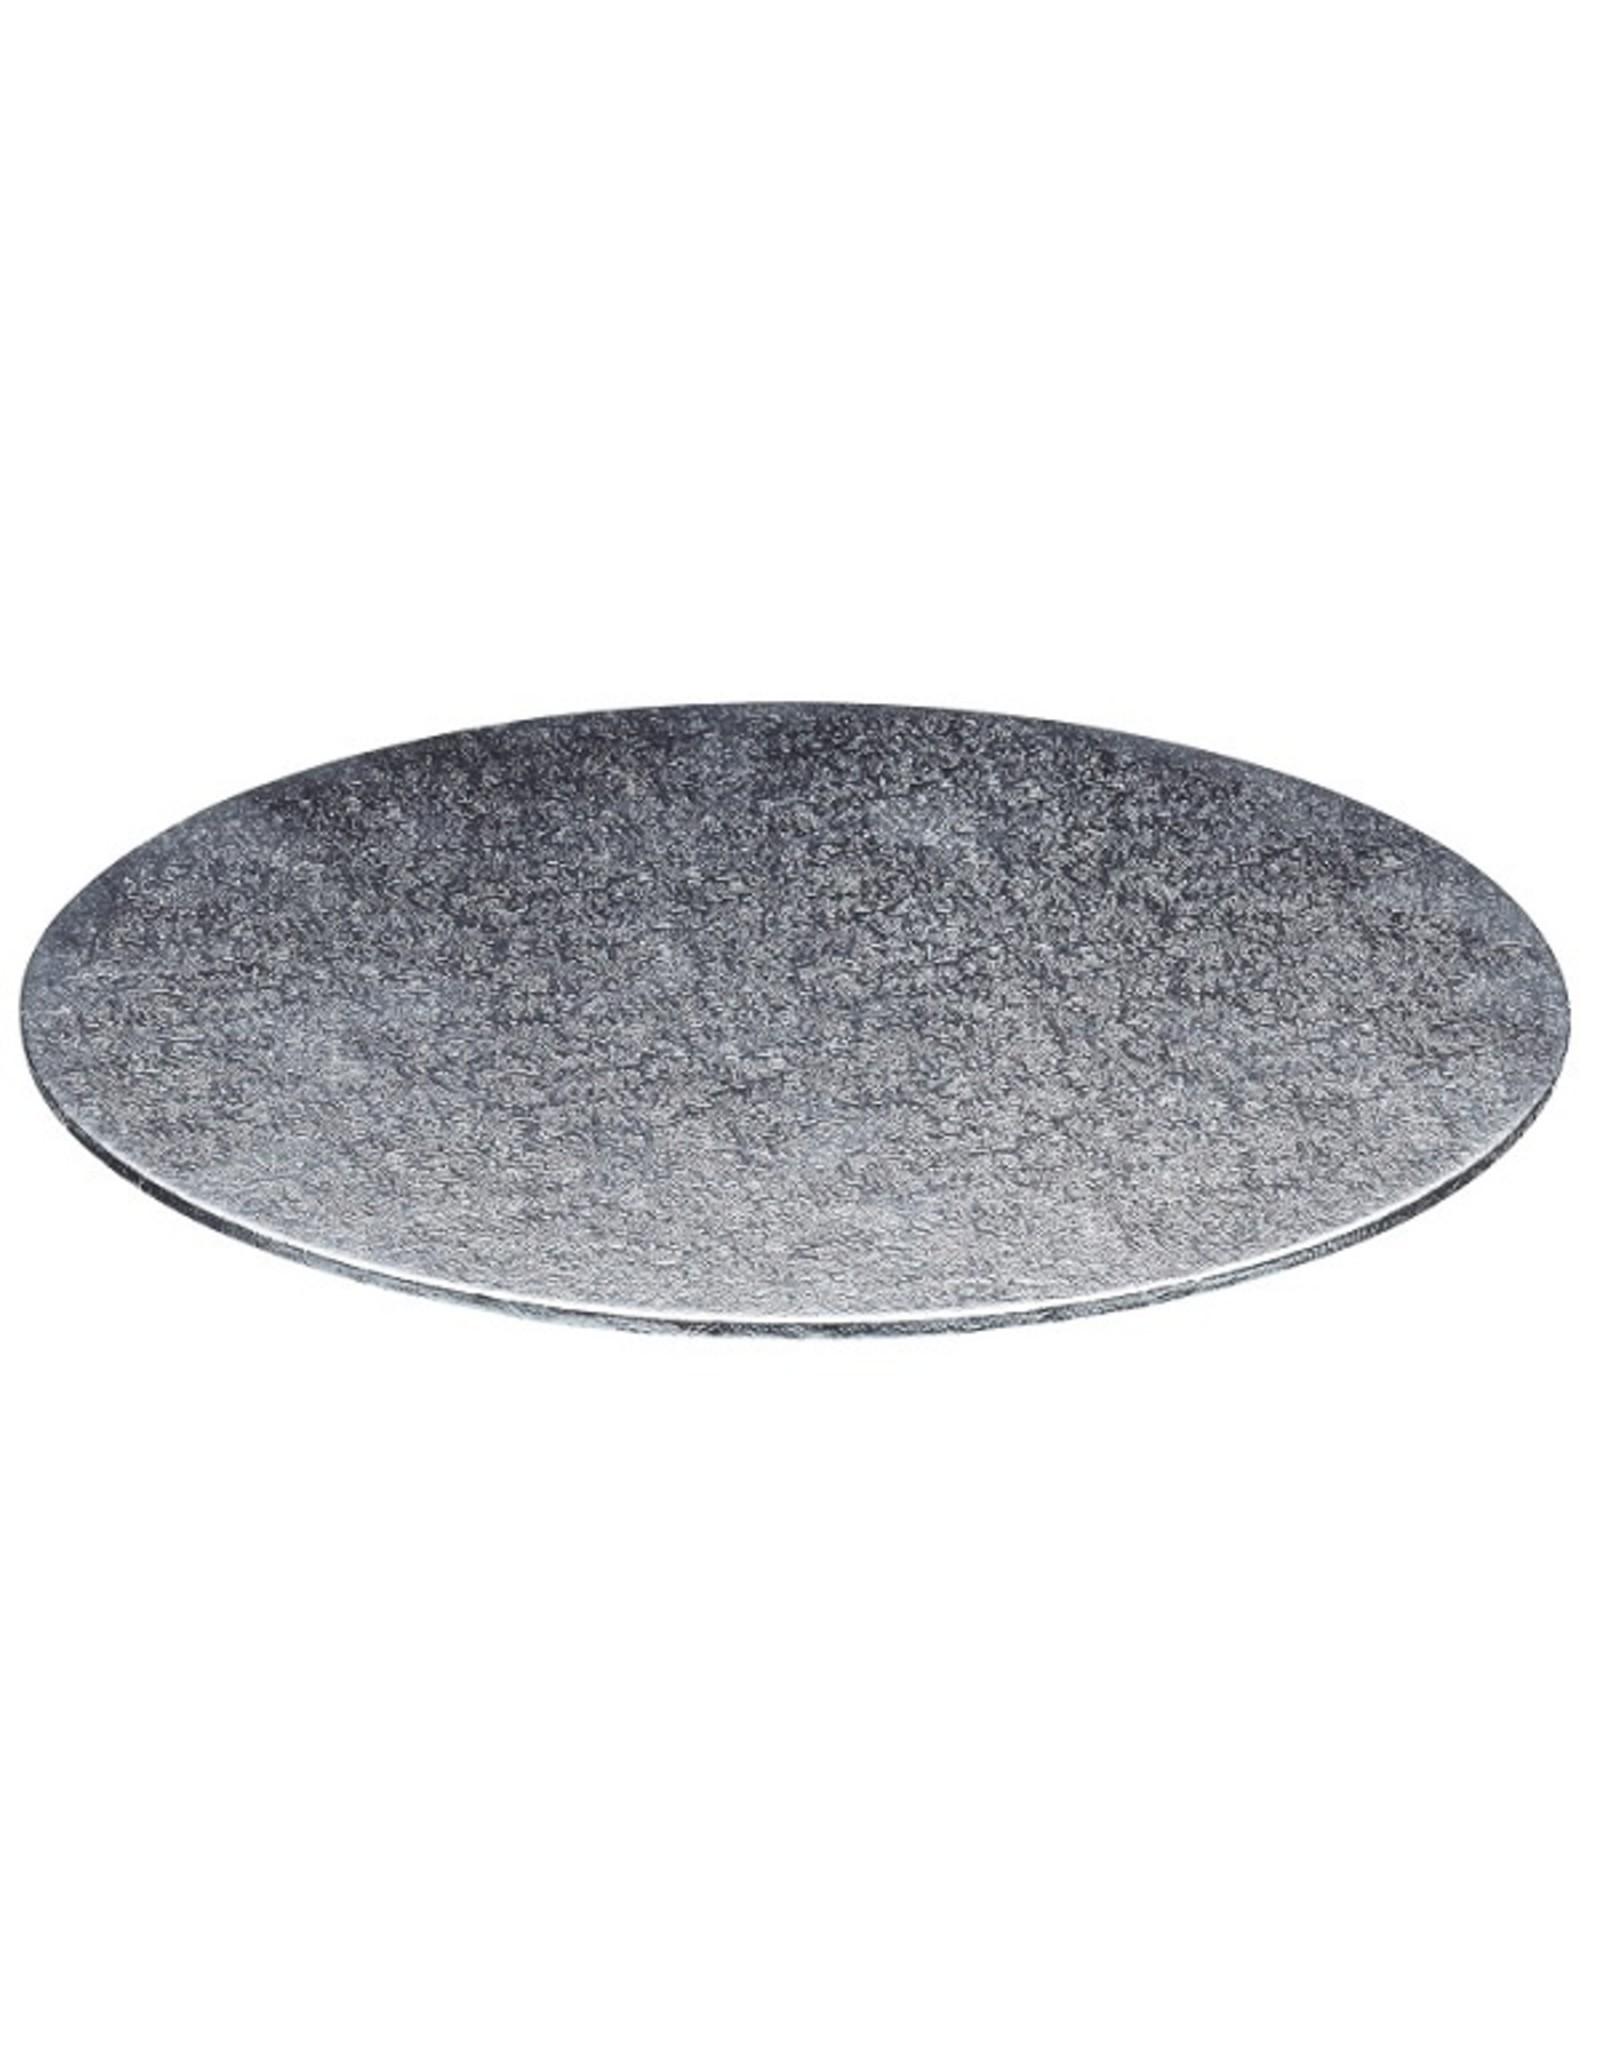 Cakeboards Ø254 mm - zilver (per 10 stuks)